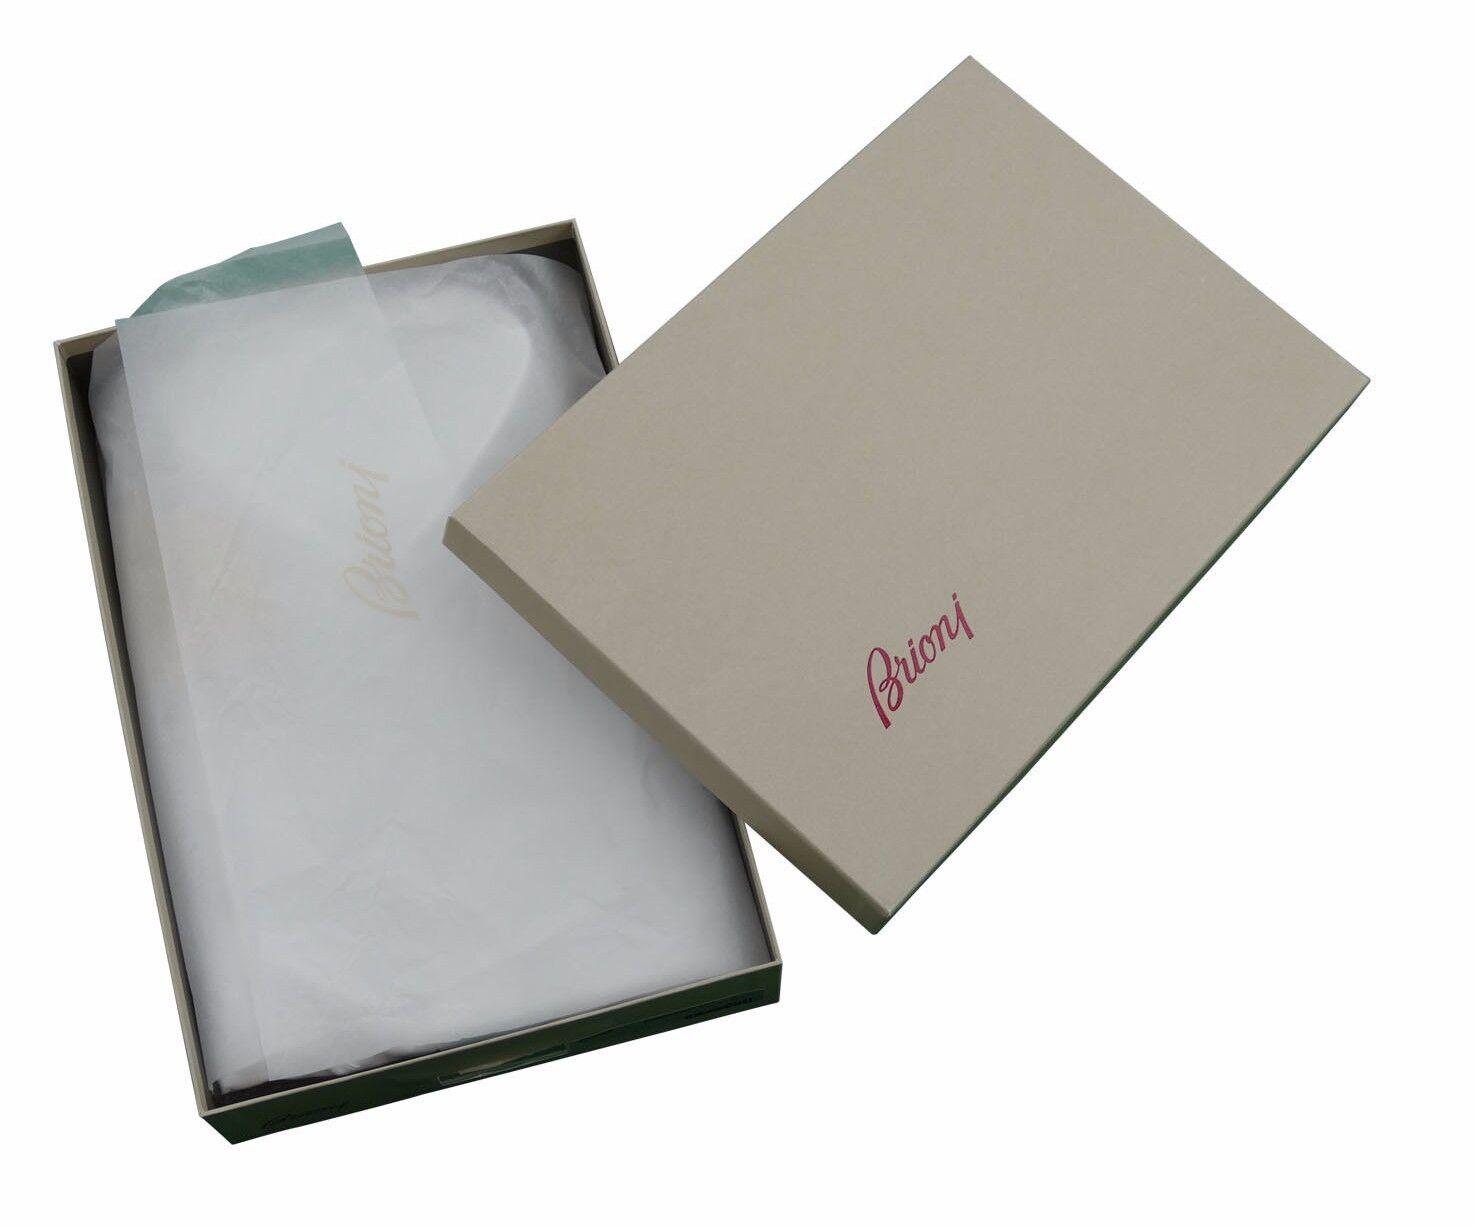 Brioni Herren H S BLAU Gestreift Baumwolle Handgefertigt Hemd Hemd Hemd Neu mit Etikett    Hohe Qualität  44691b